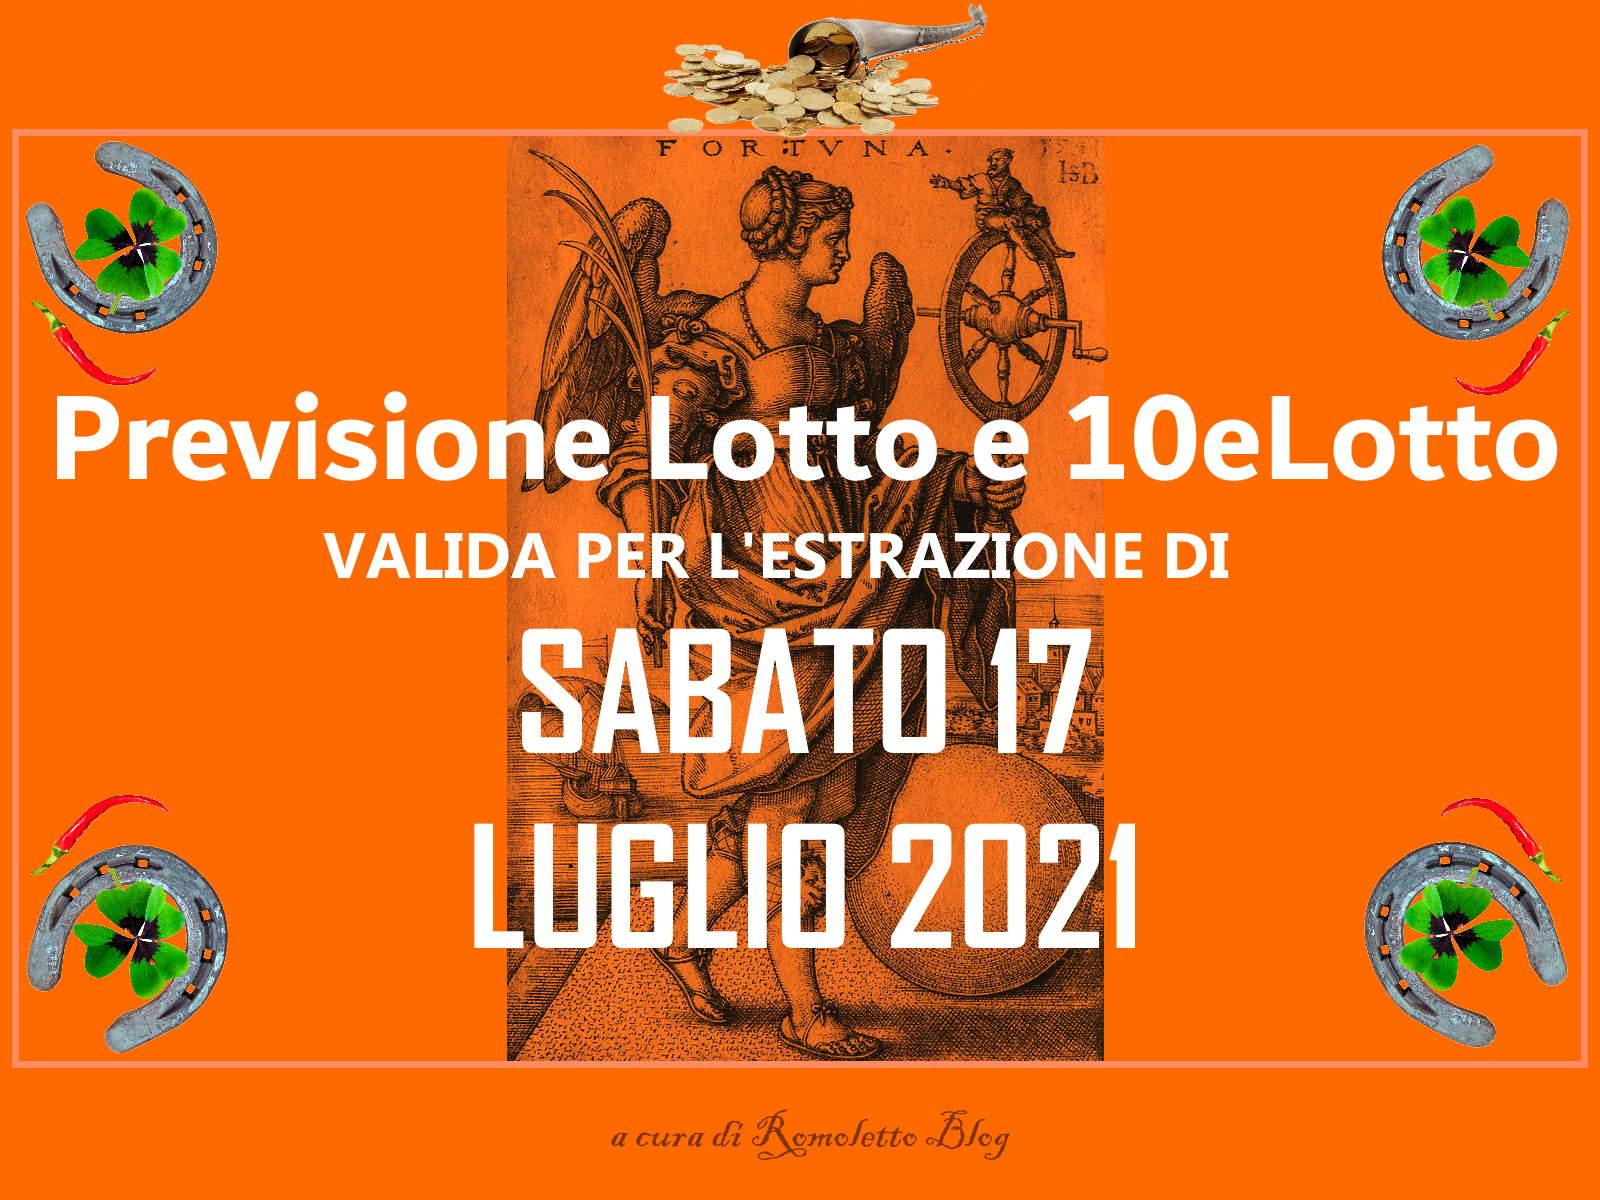 Previsione Lotto 17 Luglio 2021